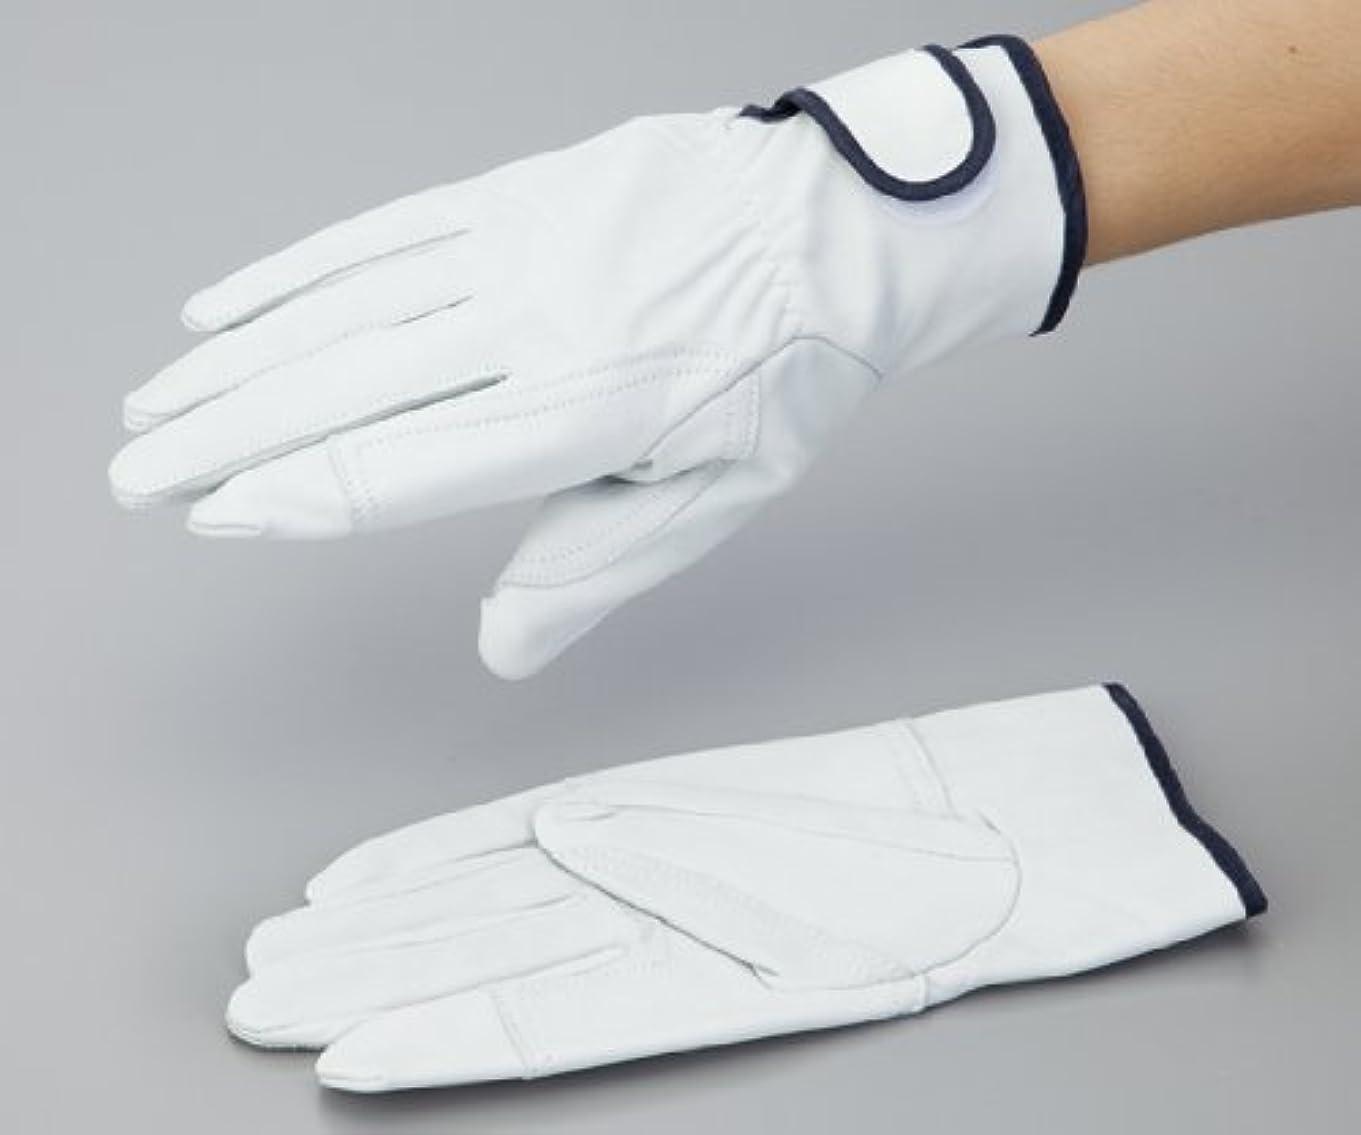 意味抑圧するサロン2-2384-01牛表革手袋手首マジックファスナー付No.706白215mmM